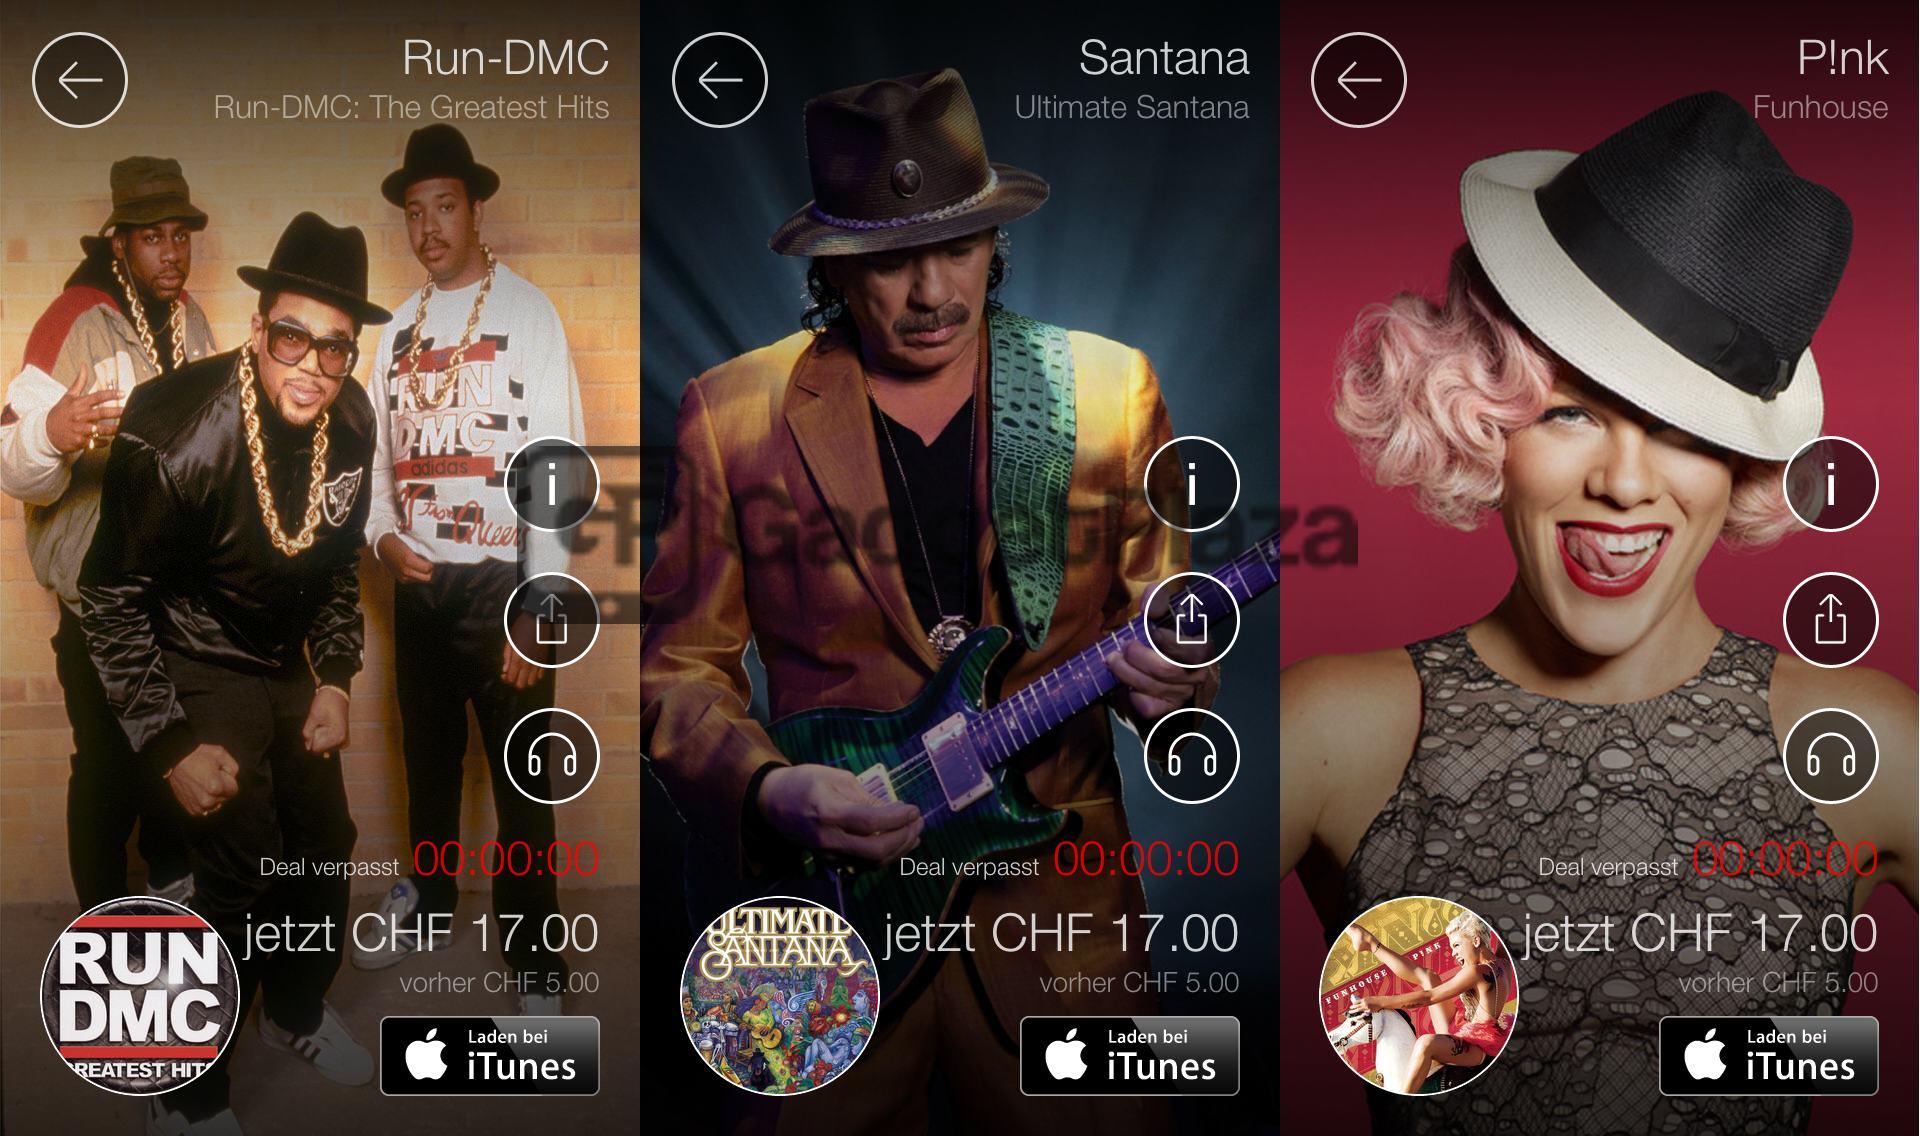 iOS «Album des Tages» täglich Musik günstiger kaufen